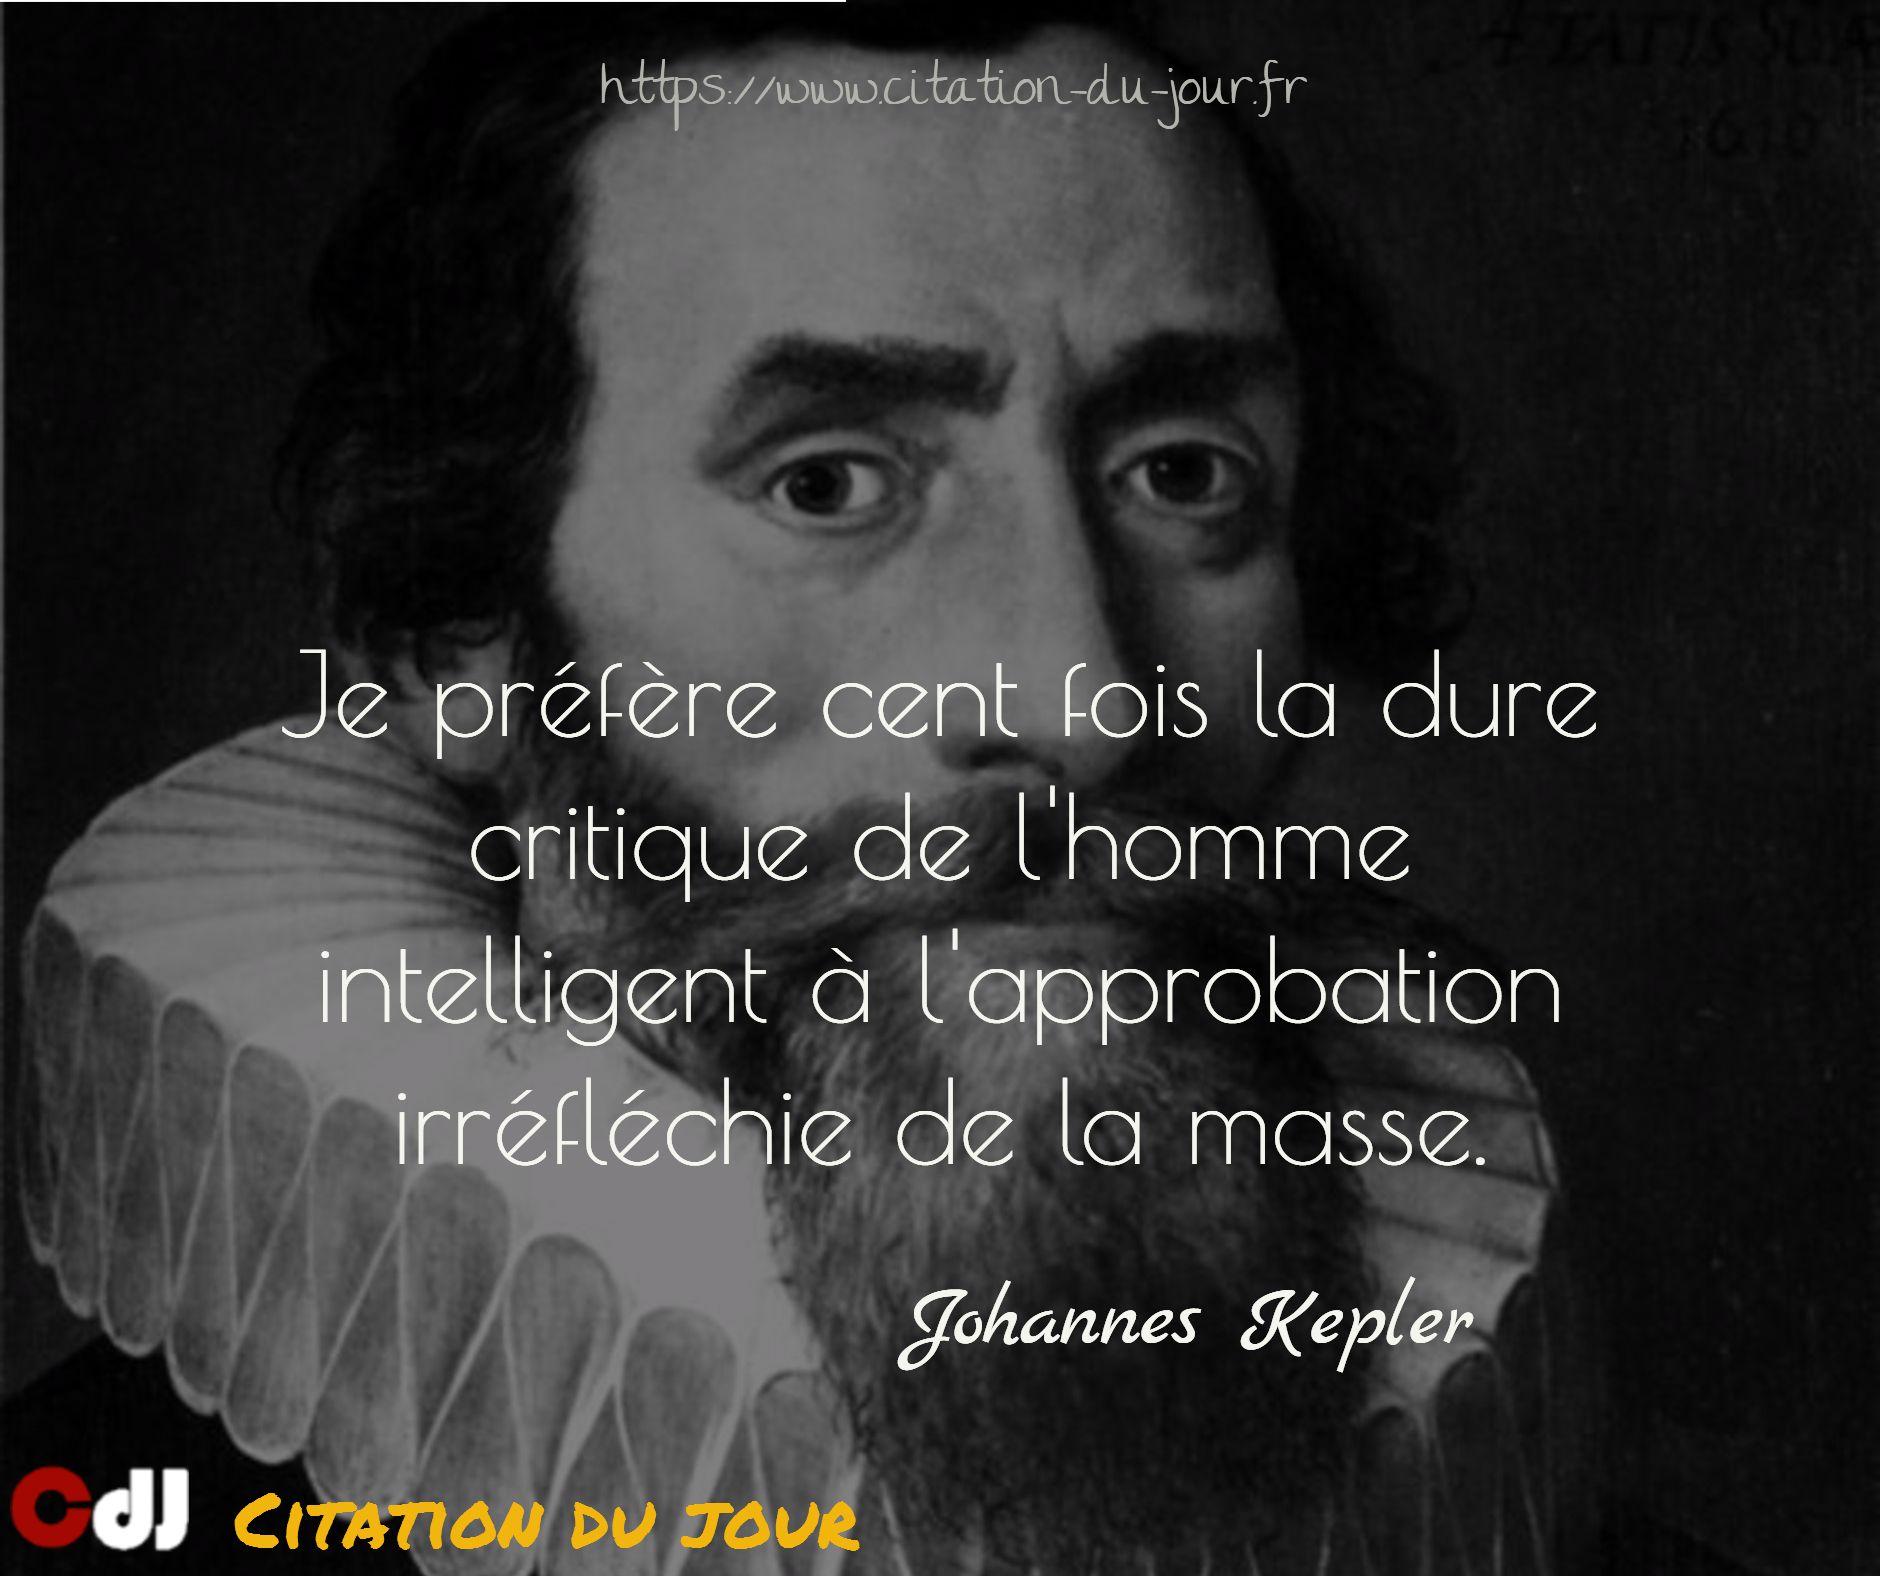 http://www.citation-du-jour.fr/citations-johannes-kepler-15163.html